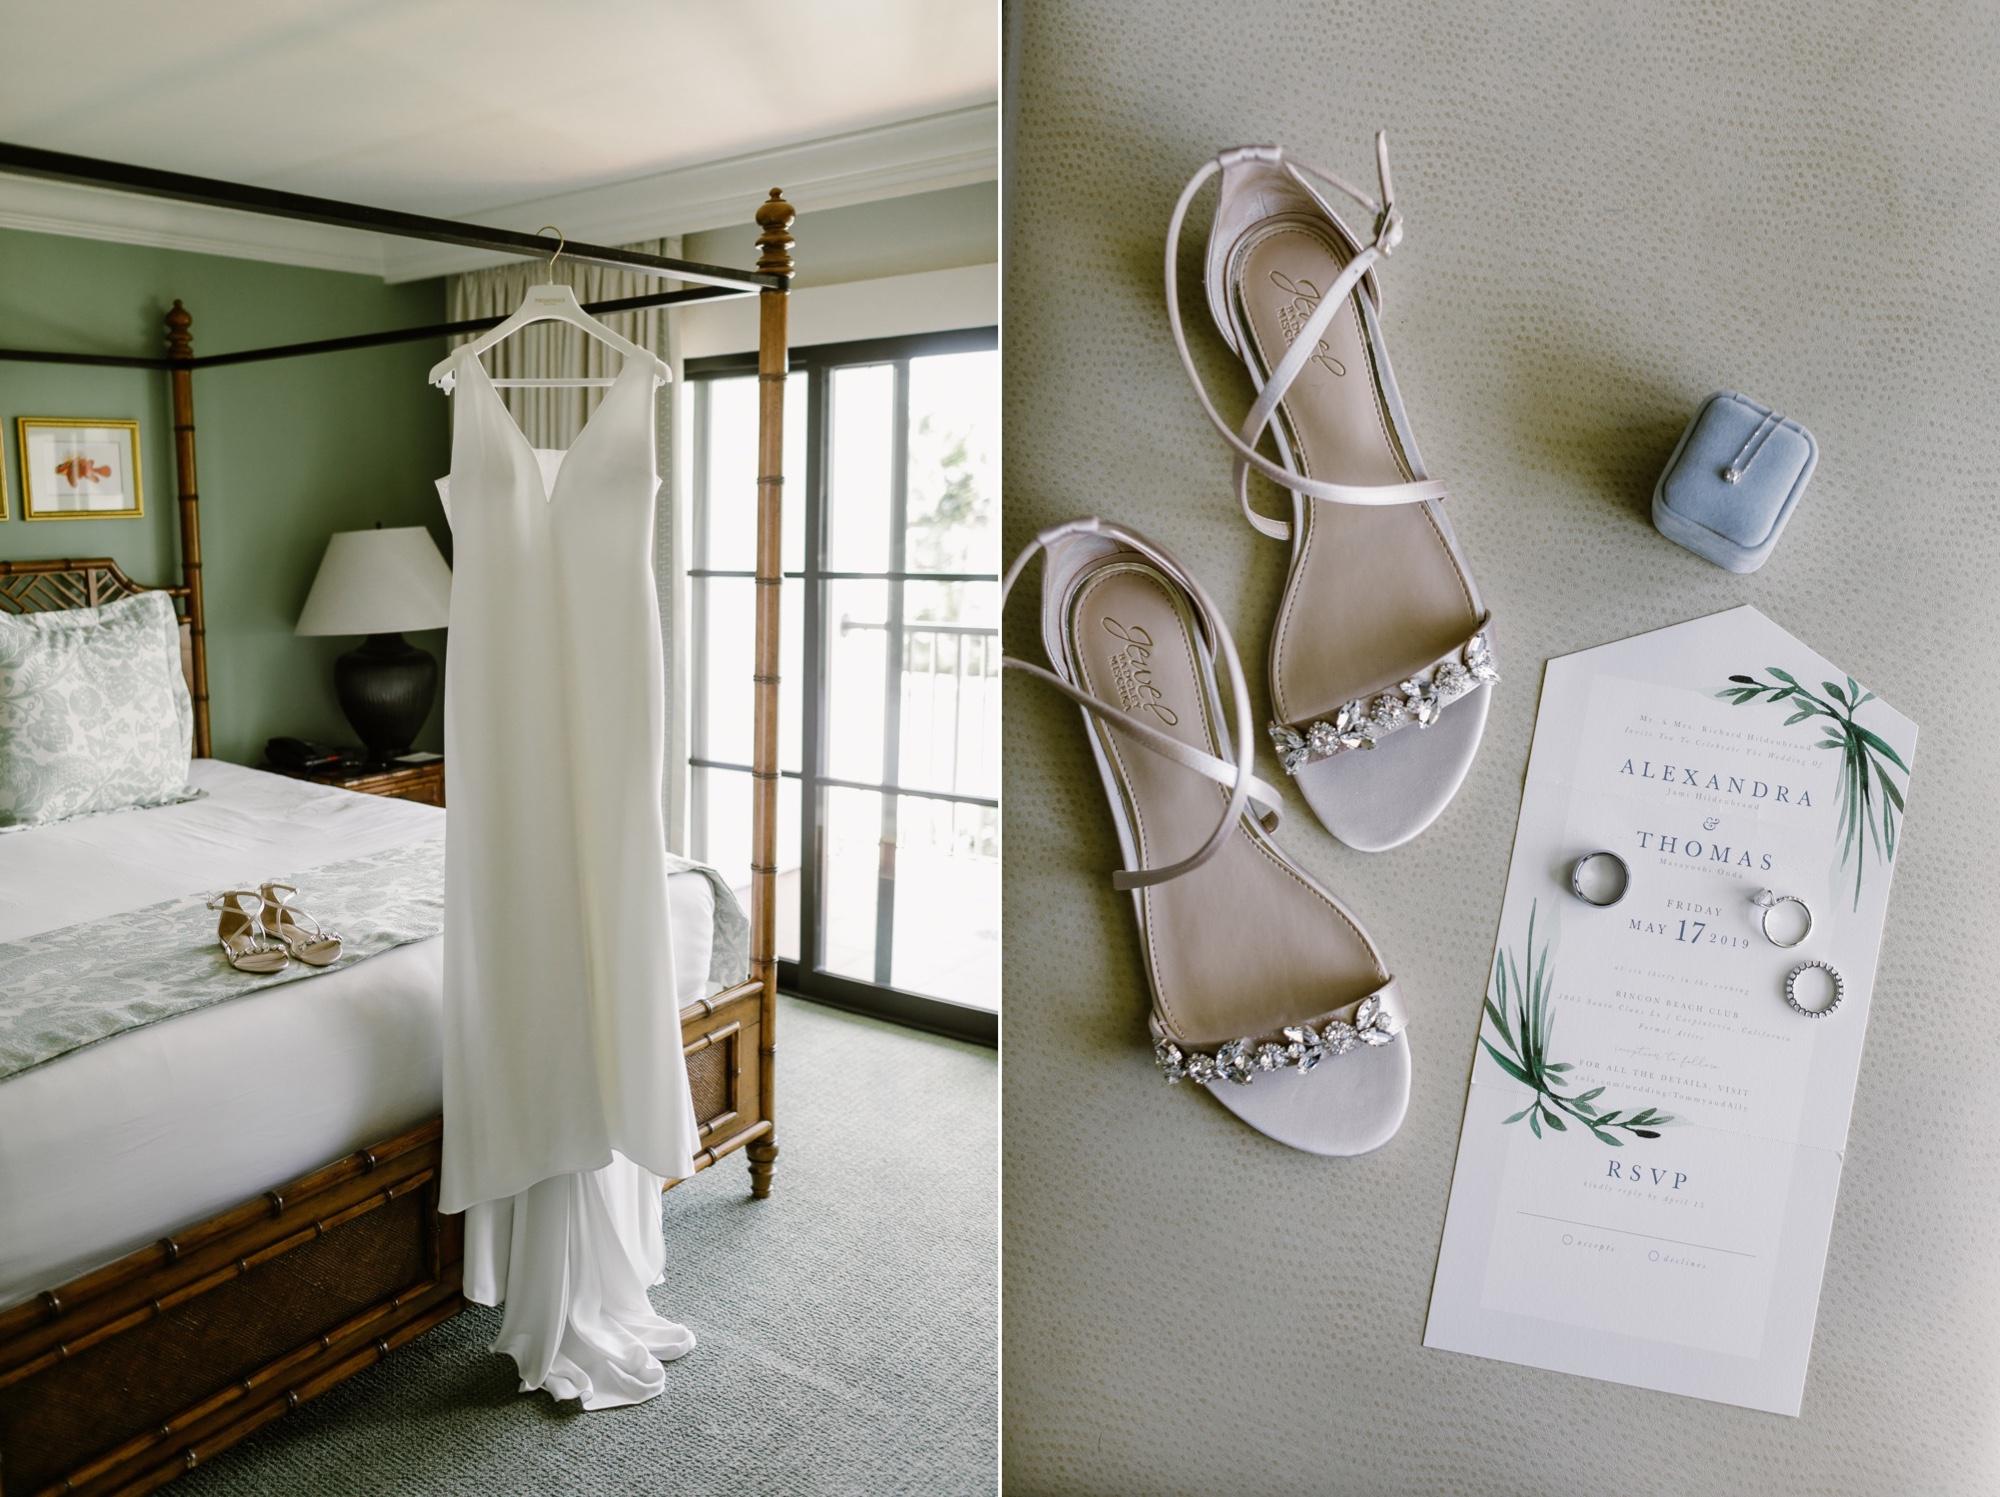 02_Ally and Tommy's Wedding-6_Ally and Tommy's Wedding-3_dress_shot_santa_barbara_inn.jpg